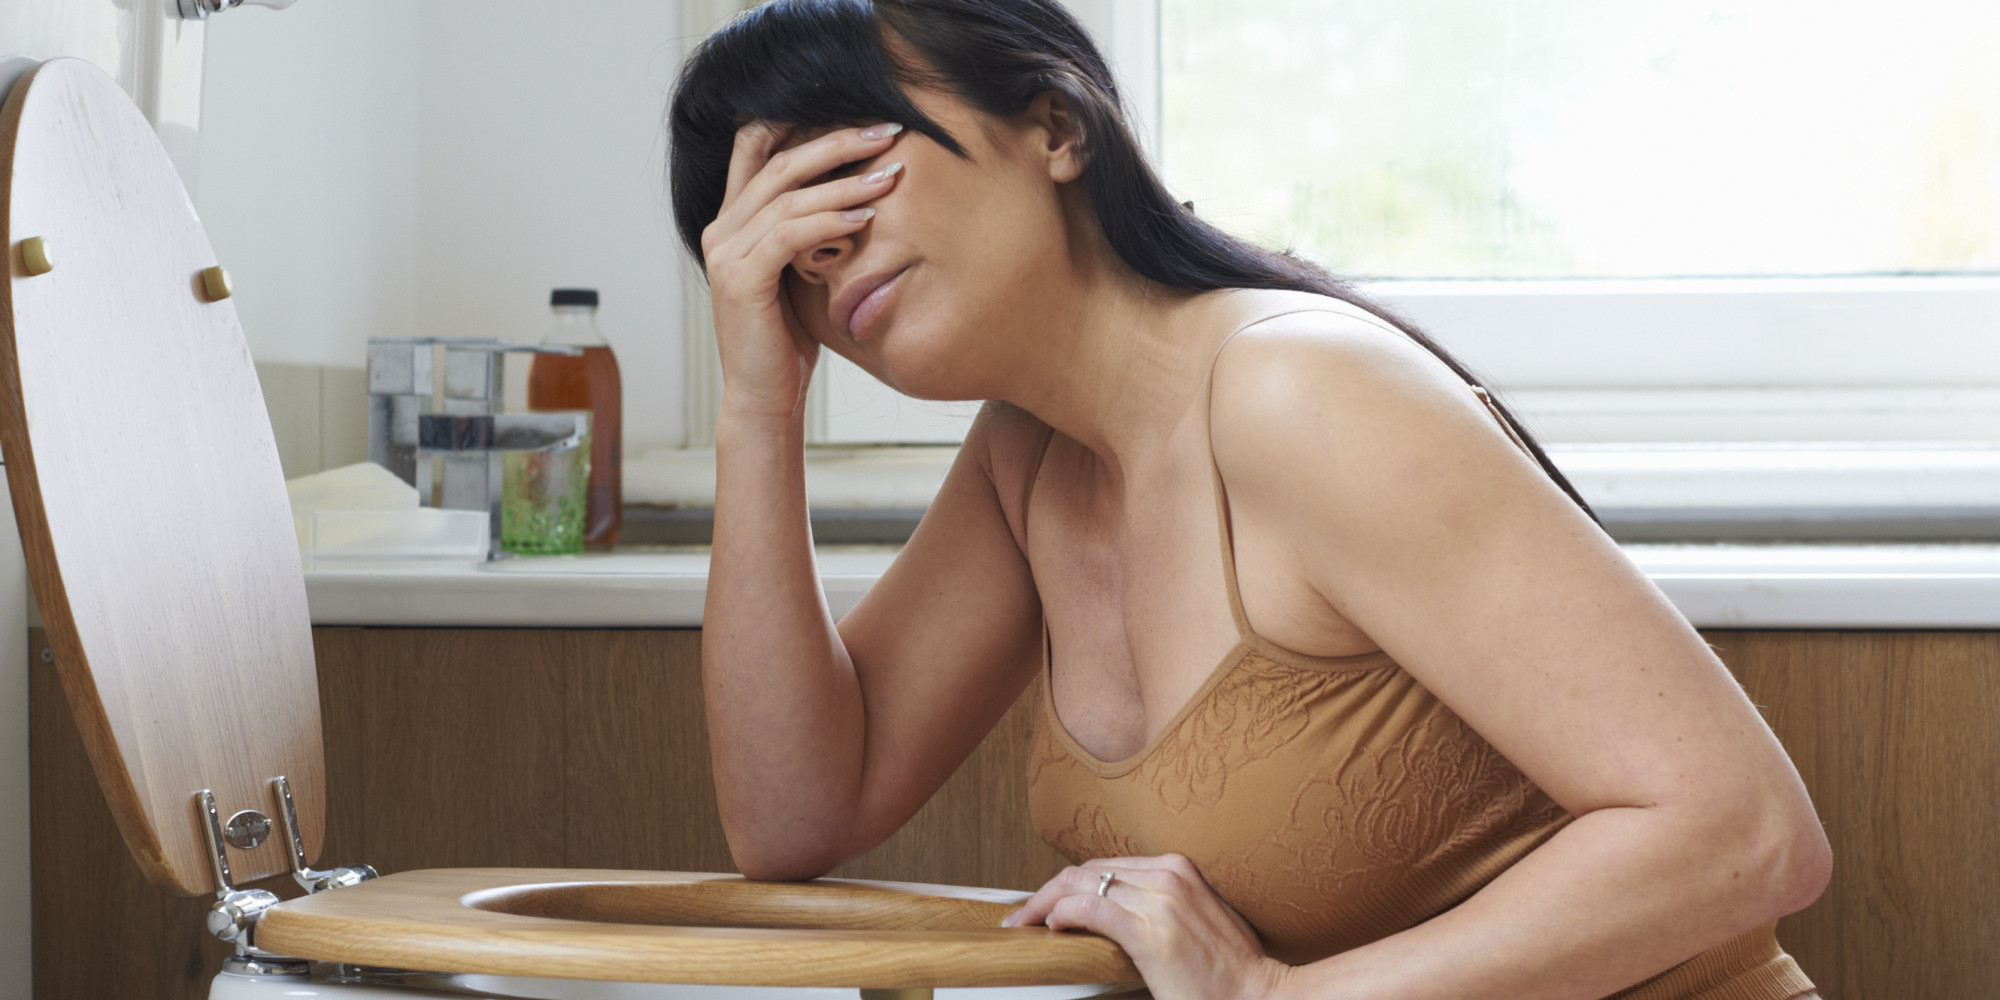 Рвота при беременности это нормально